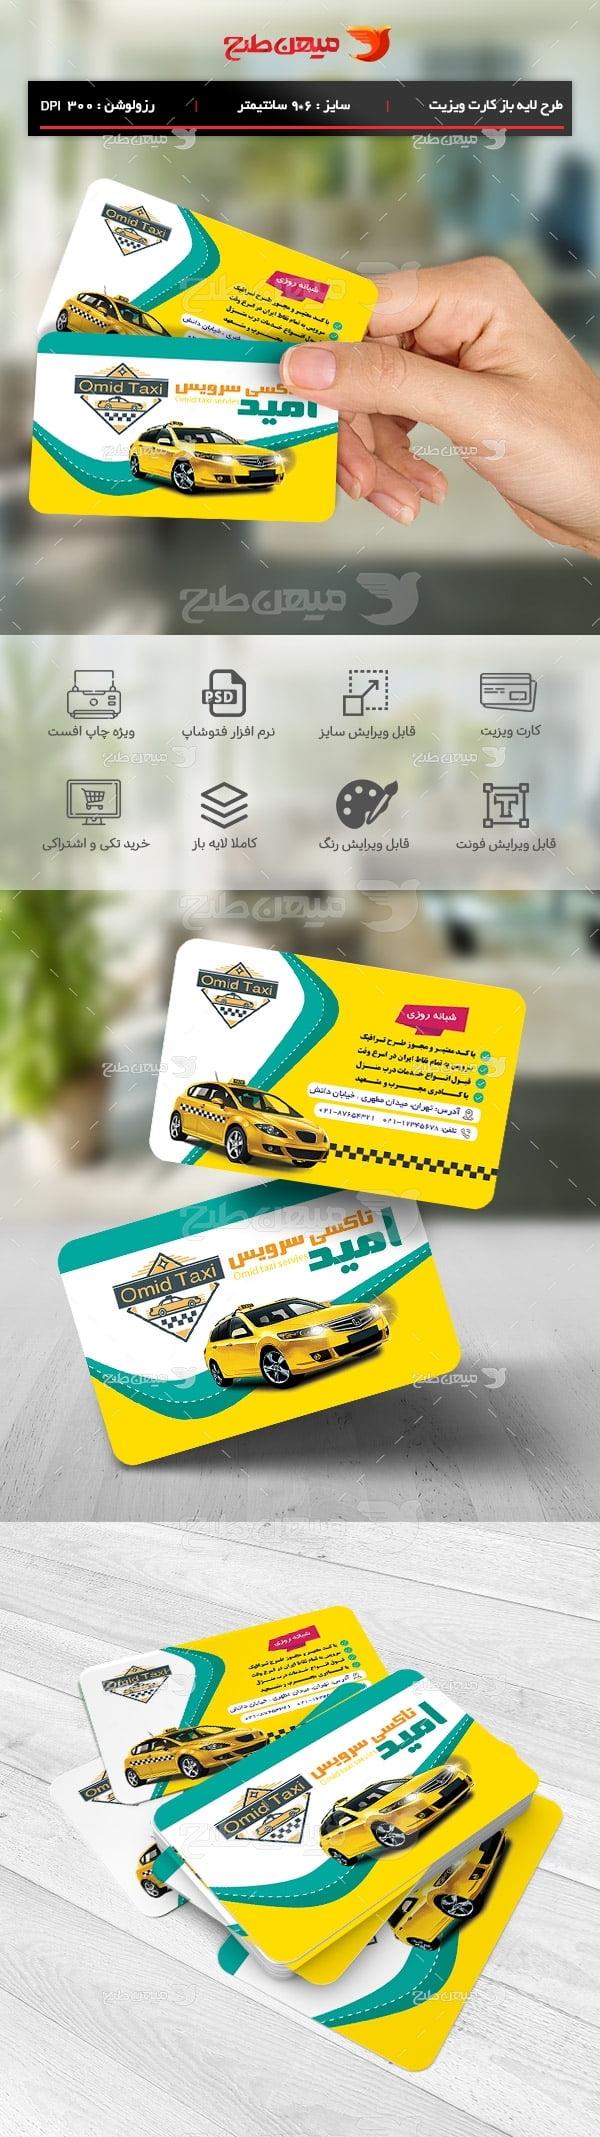 طرح لایه باز کارت ویزیت تاکسی سرویس ( تاکسی تلفنی)